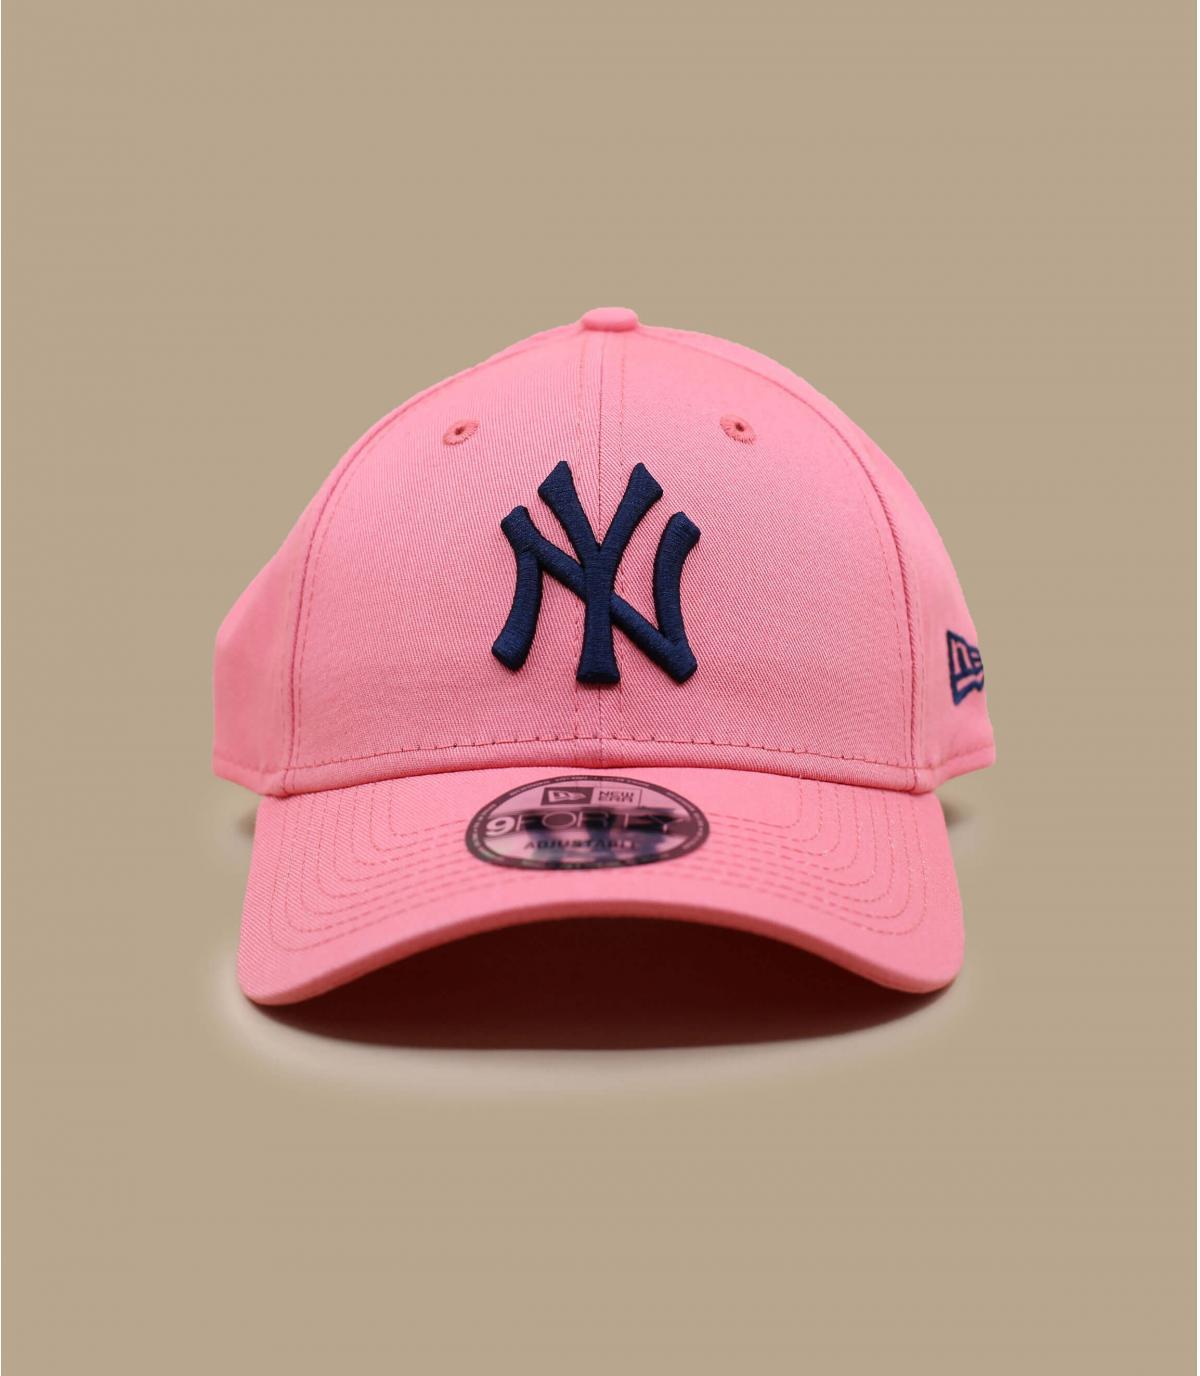 gorra NY rosa azul